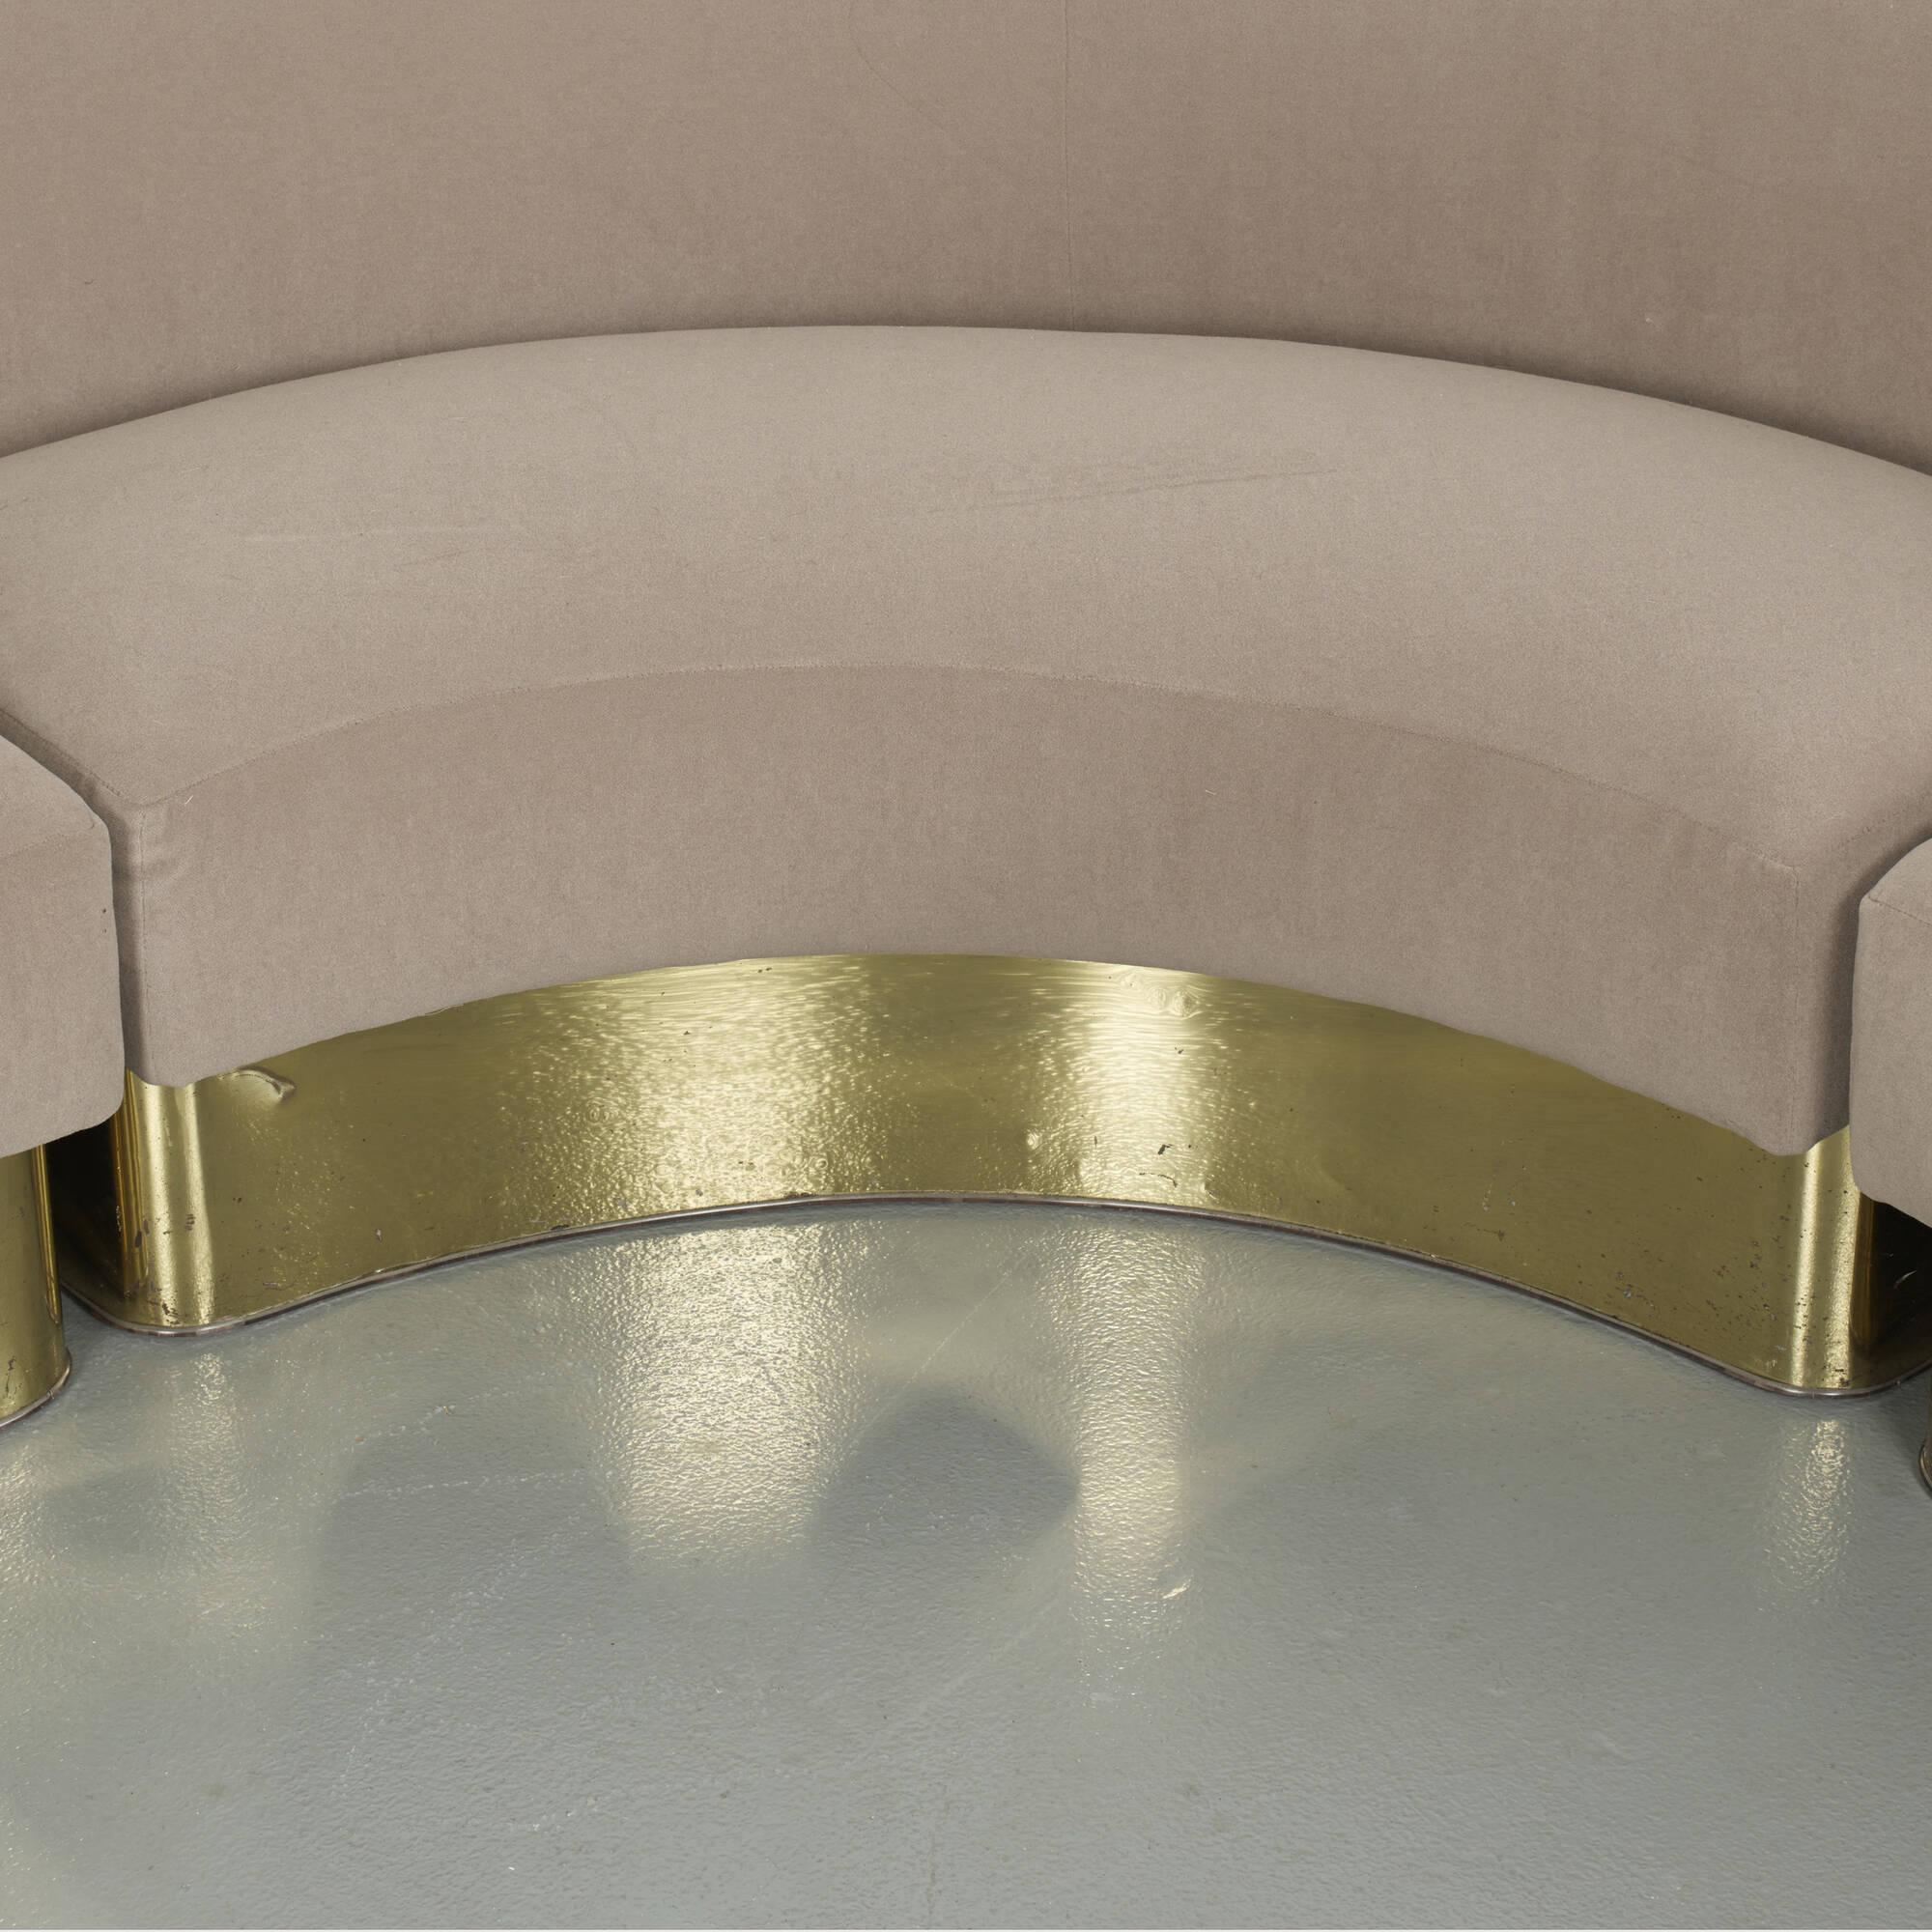 512: Milo Baughman / Sectional Sofa (3 Of 3)